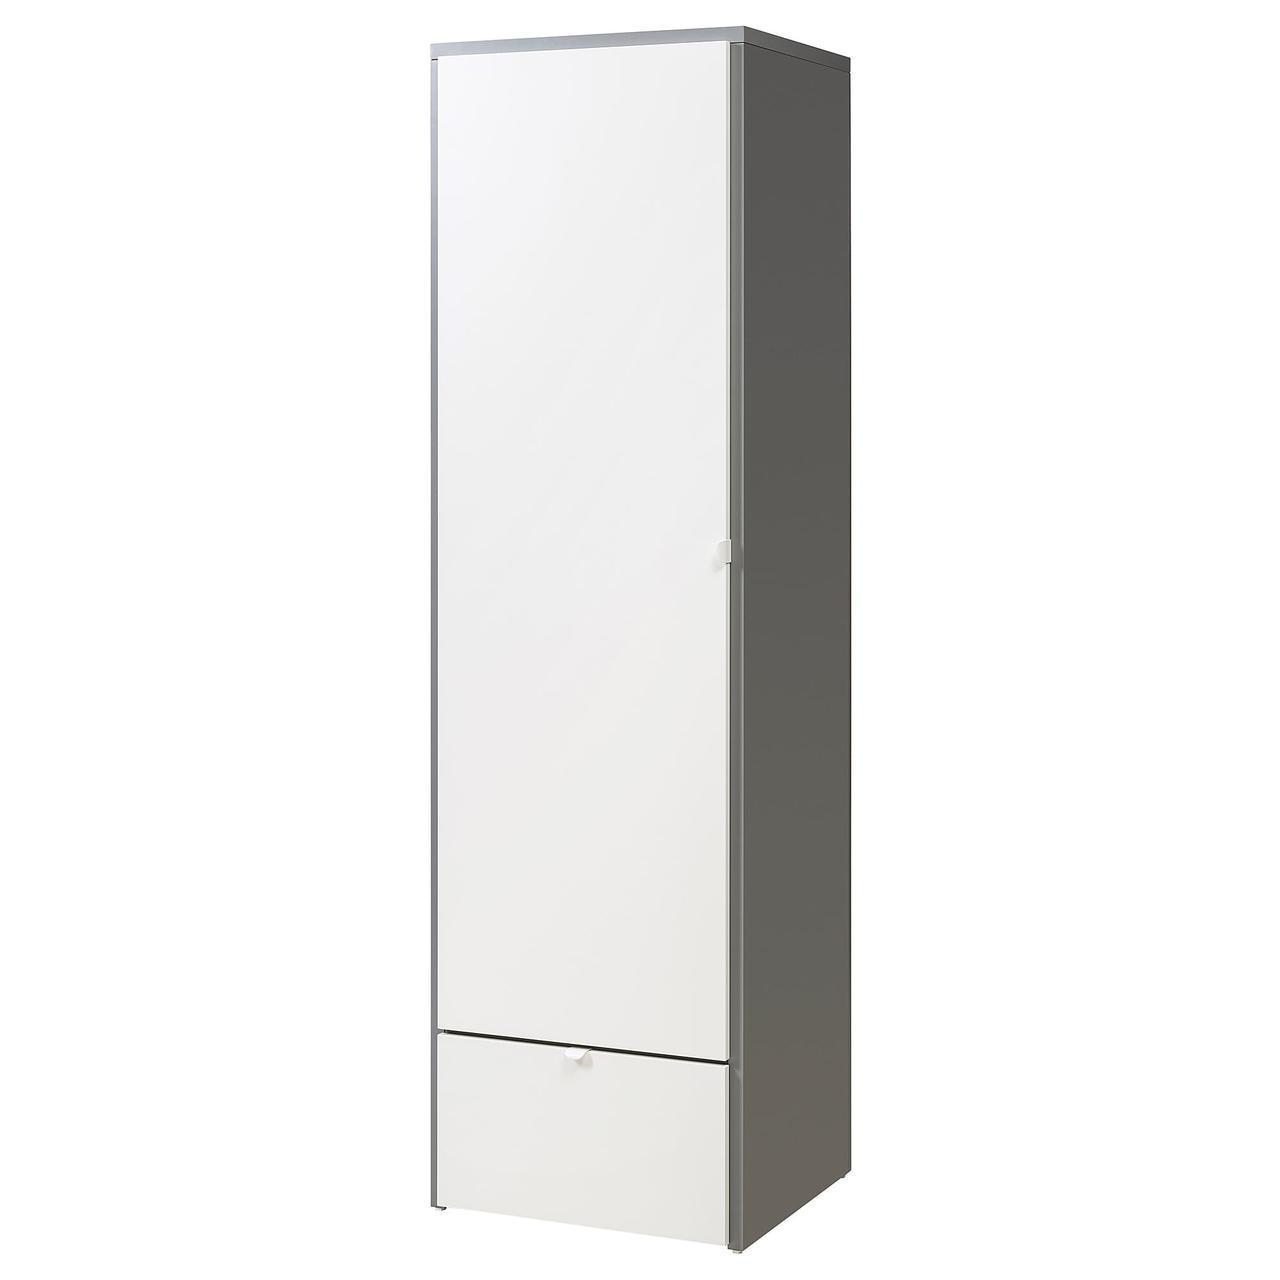 IKEA VISTHUS (003.476.14) Шкаф/гардероб, серый, белый